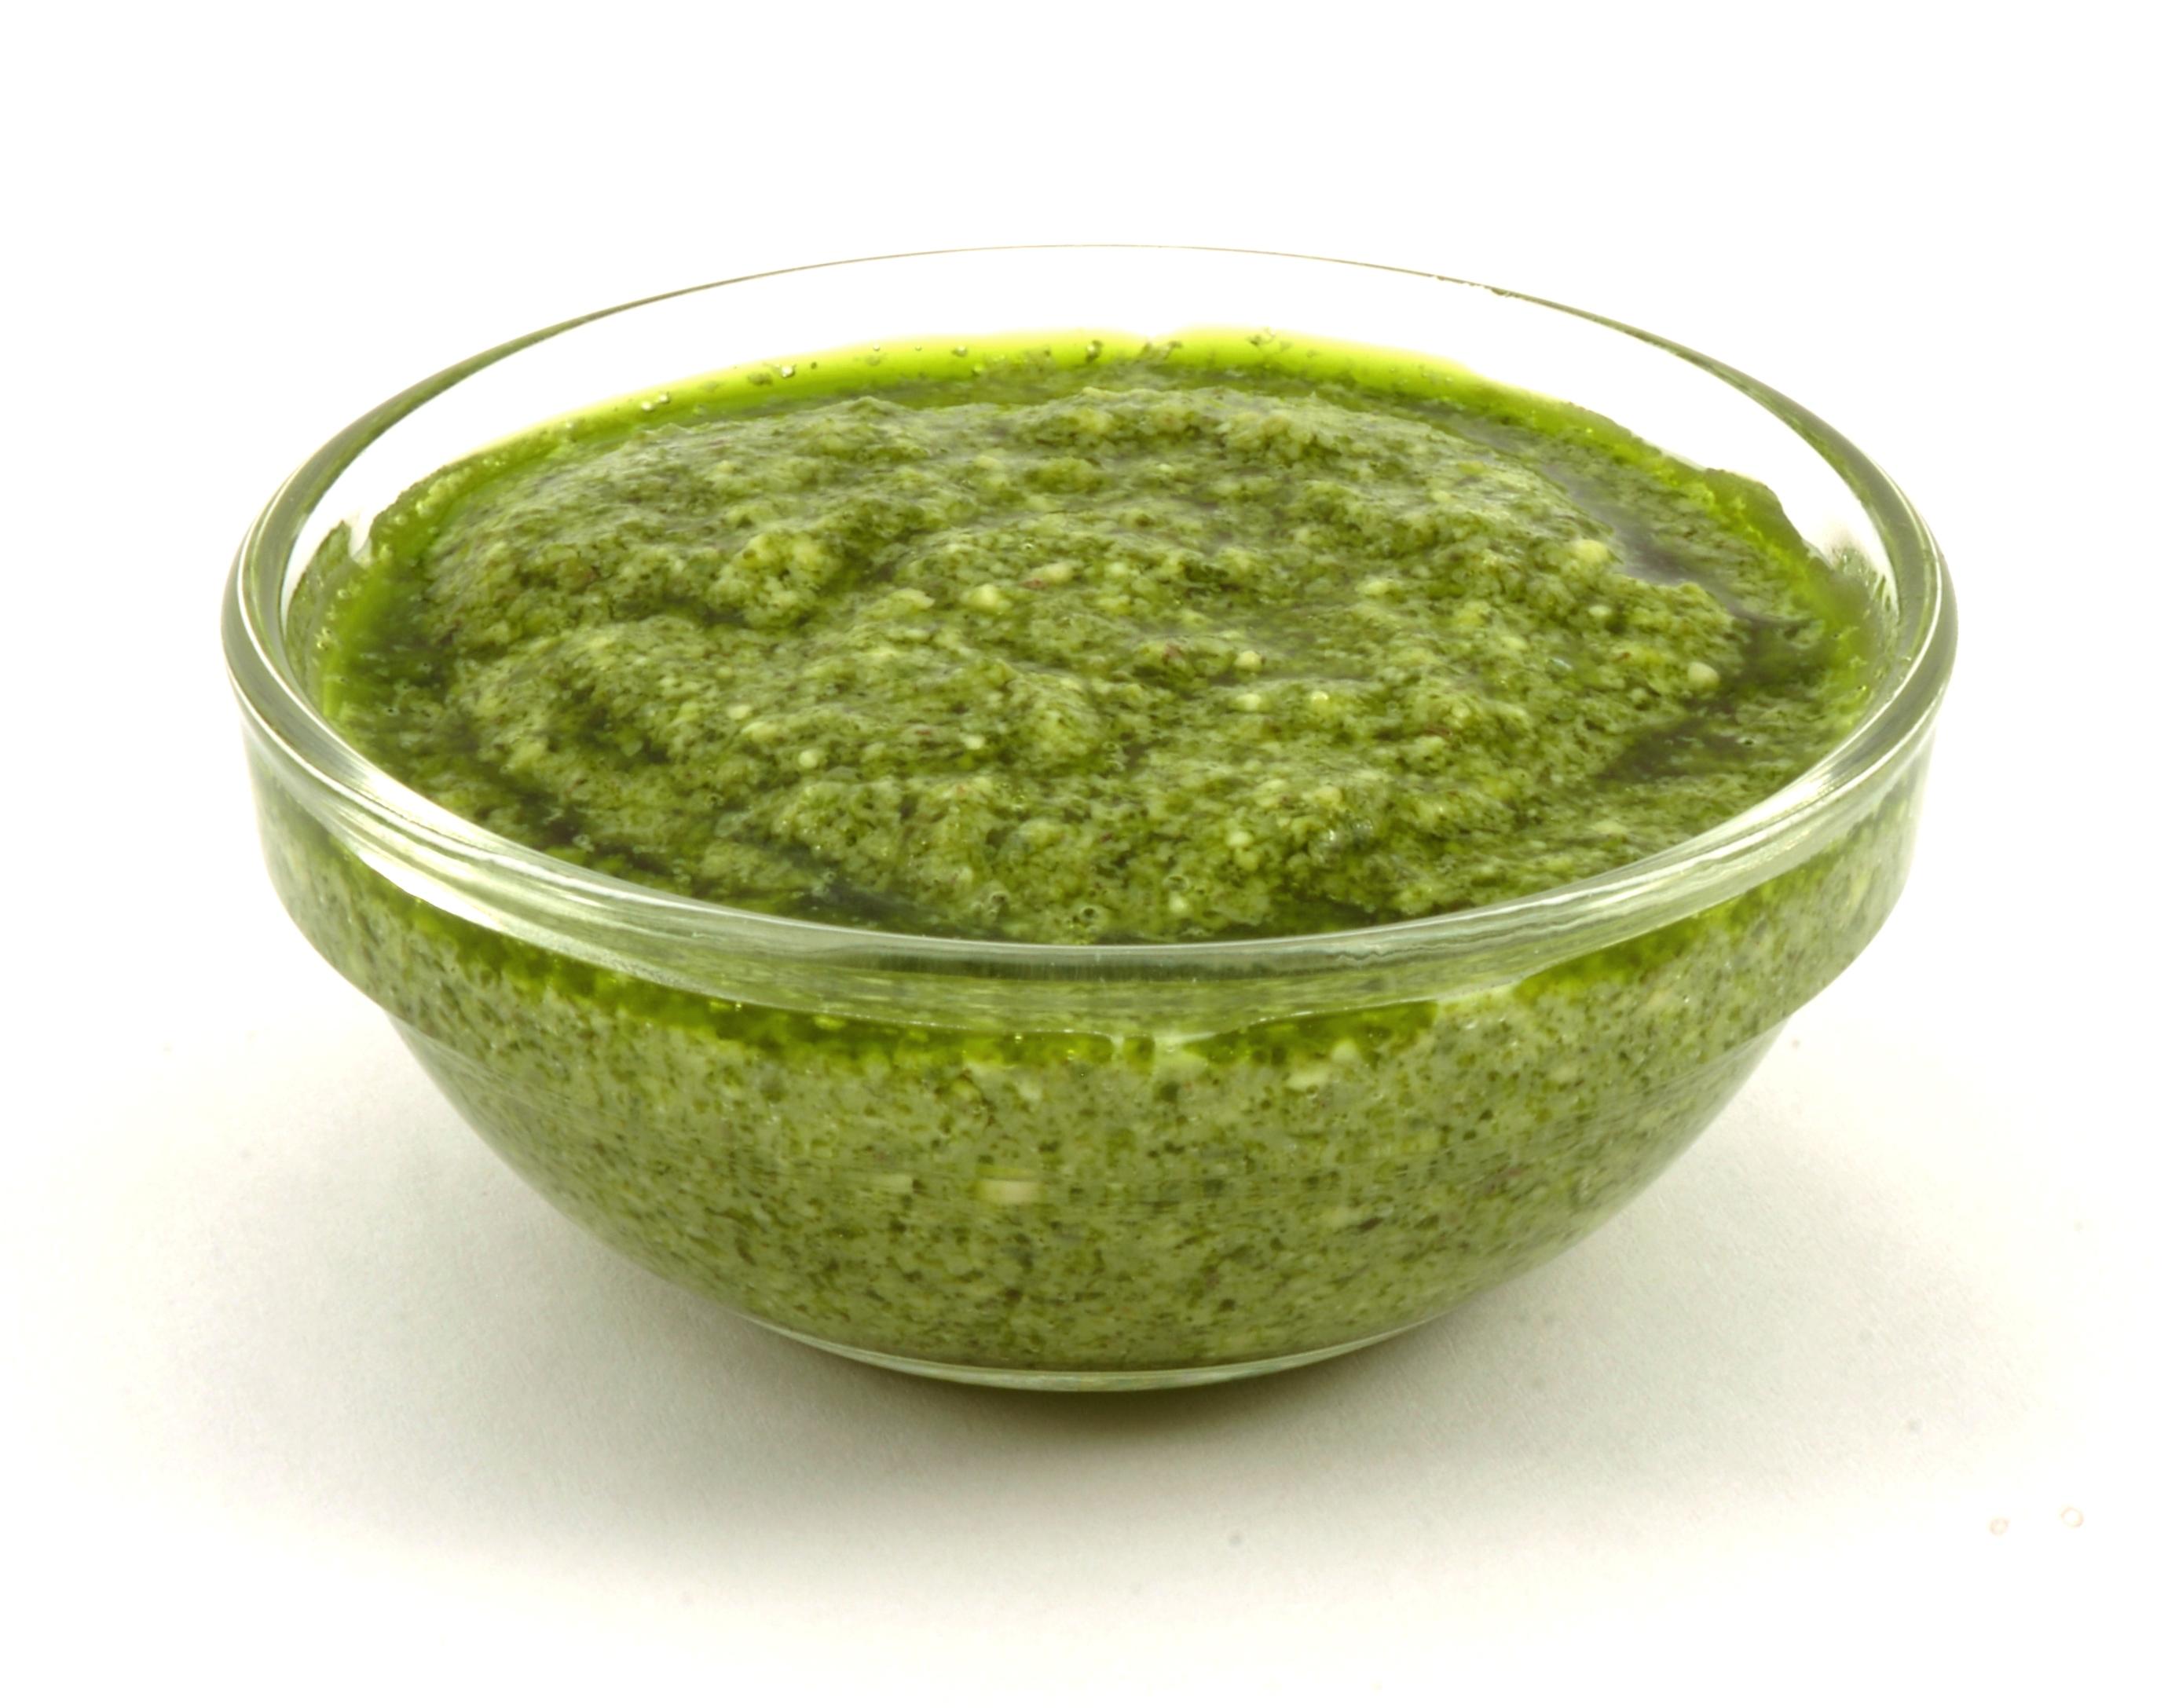 celery pesto - image courtesy wiki commons